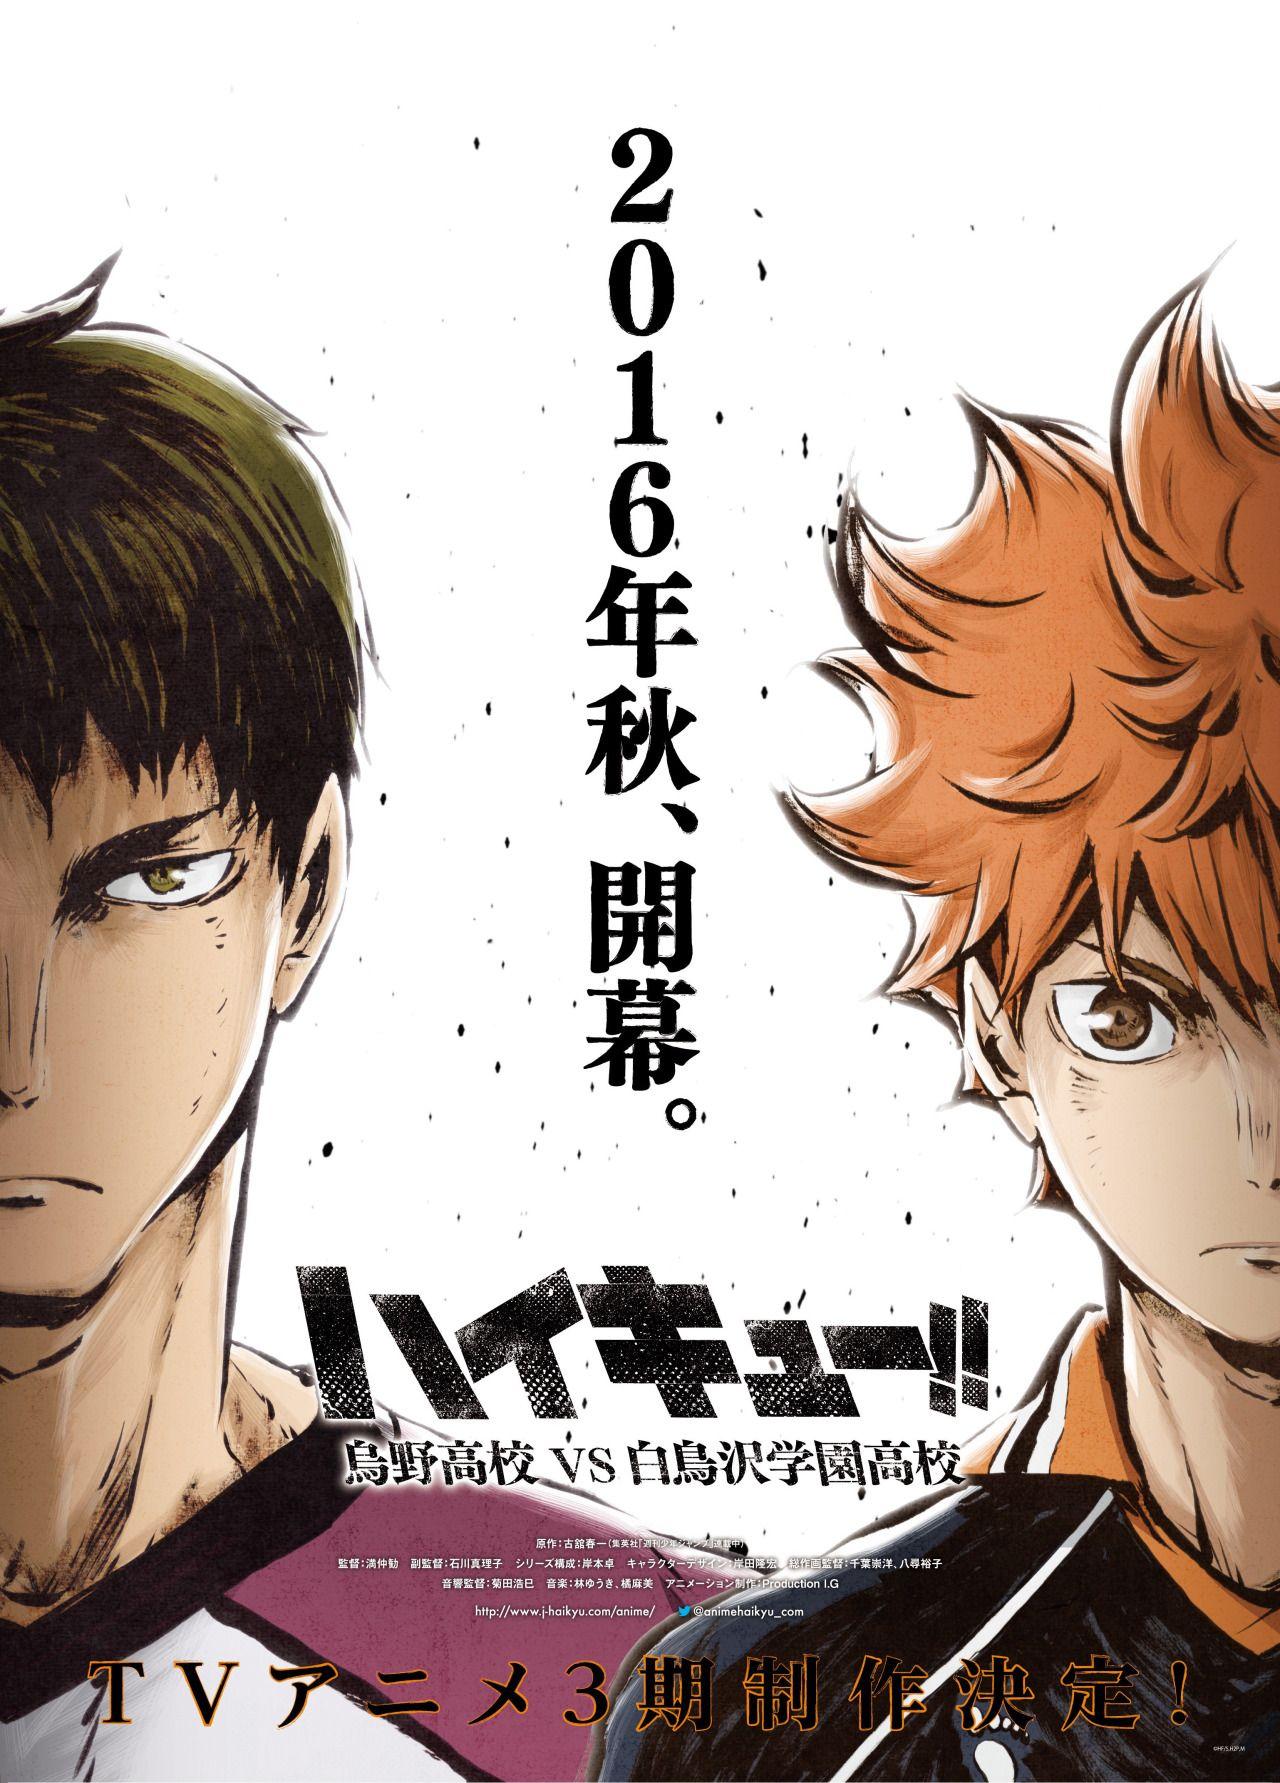 Karasuno VS Shiratorizawa Haikyuu season 3, Haikyuu